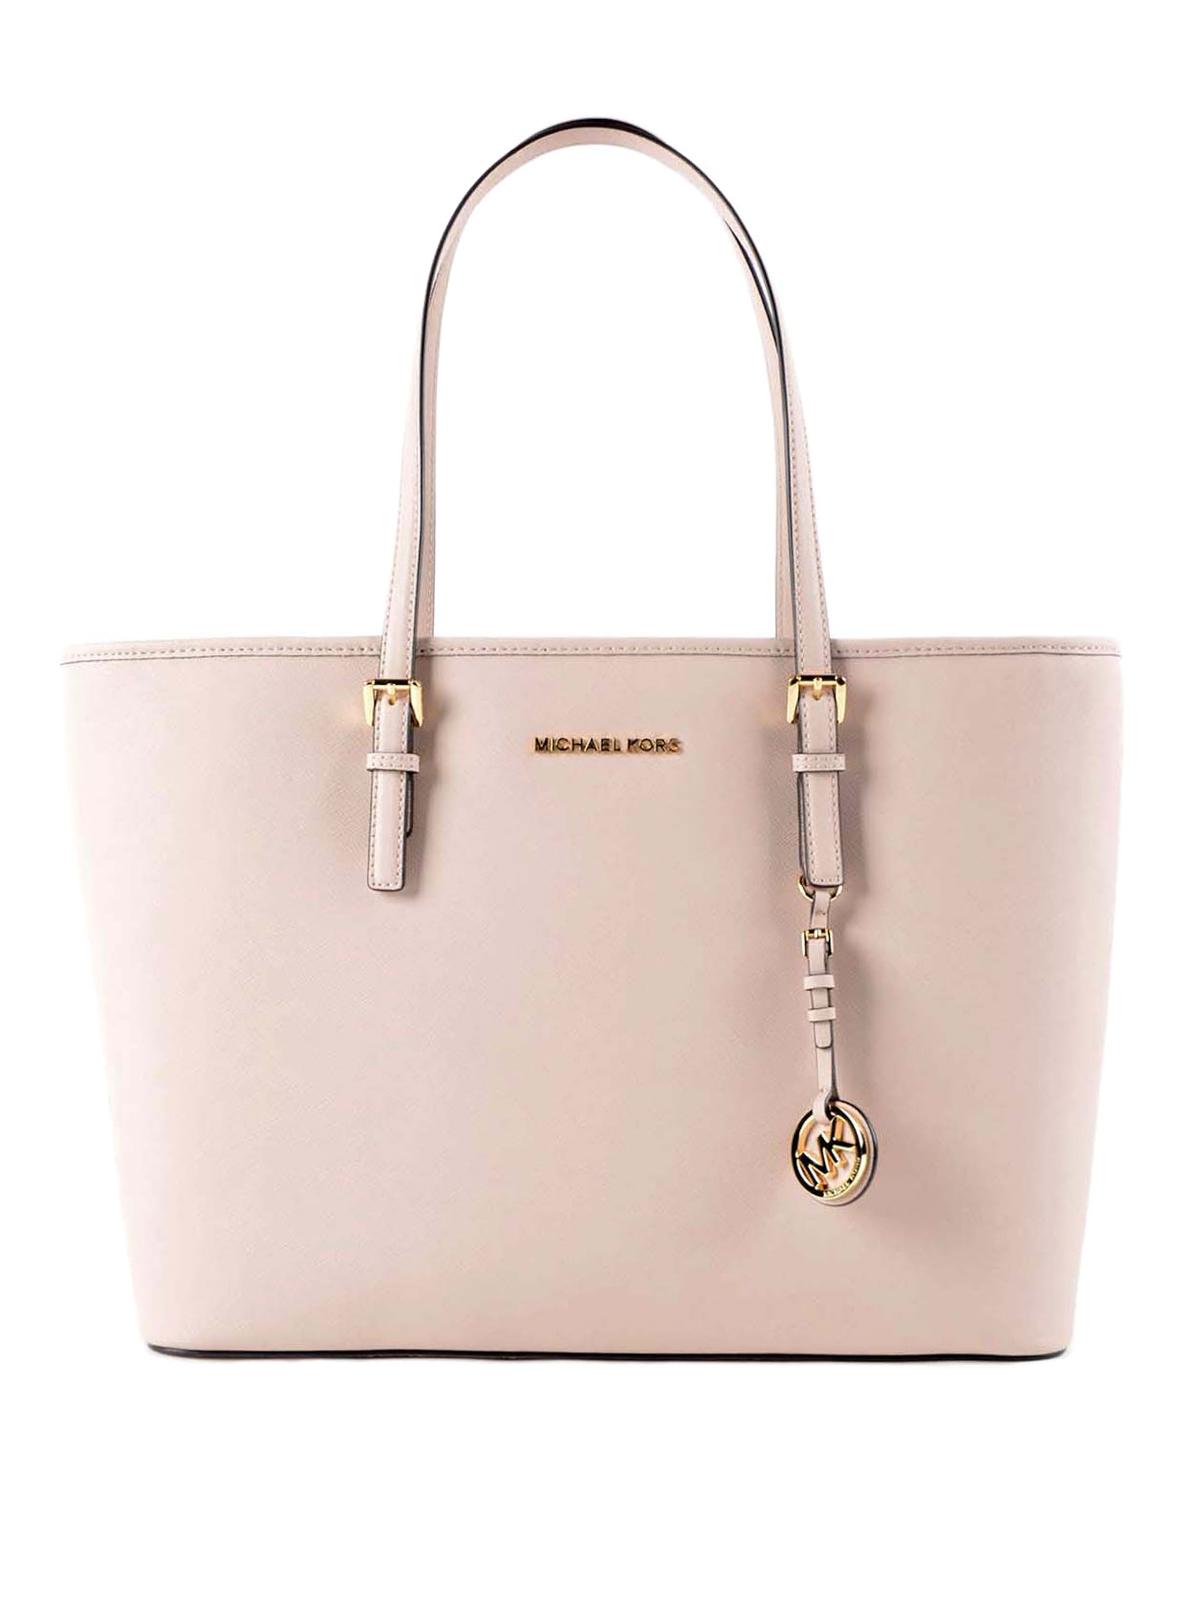 ba0259821dcc Michael Kors Medium Tote Handbags | Jaguar Clubs of North America